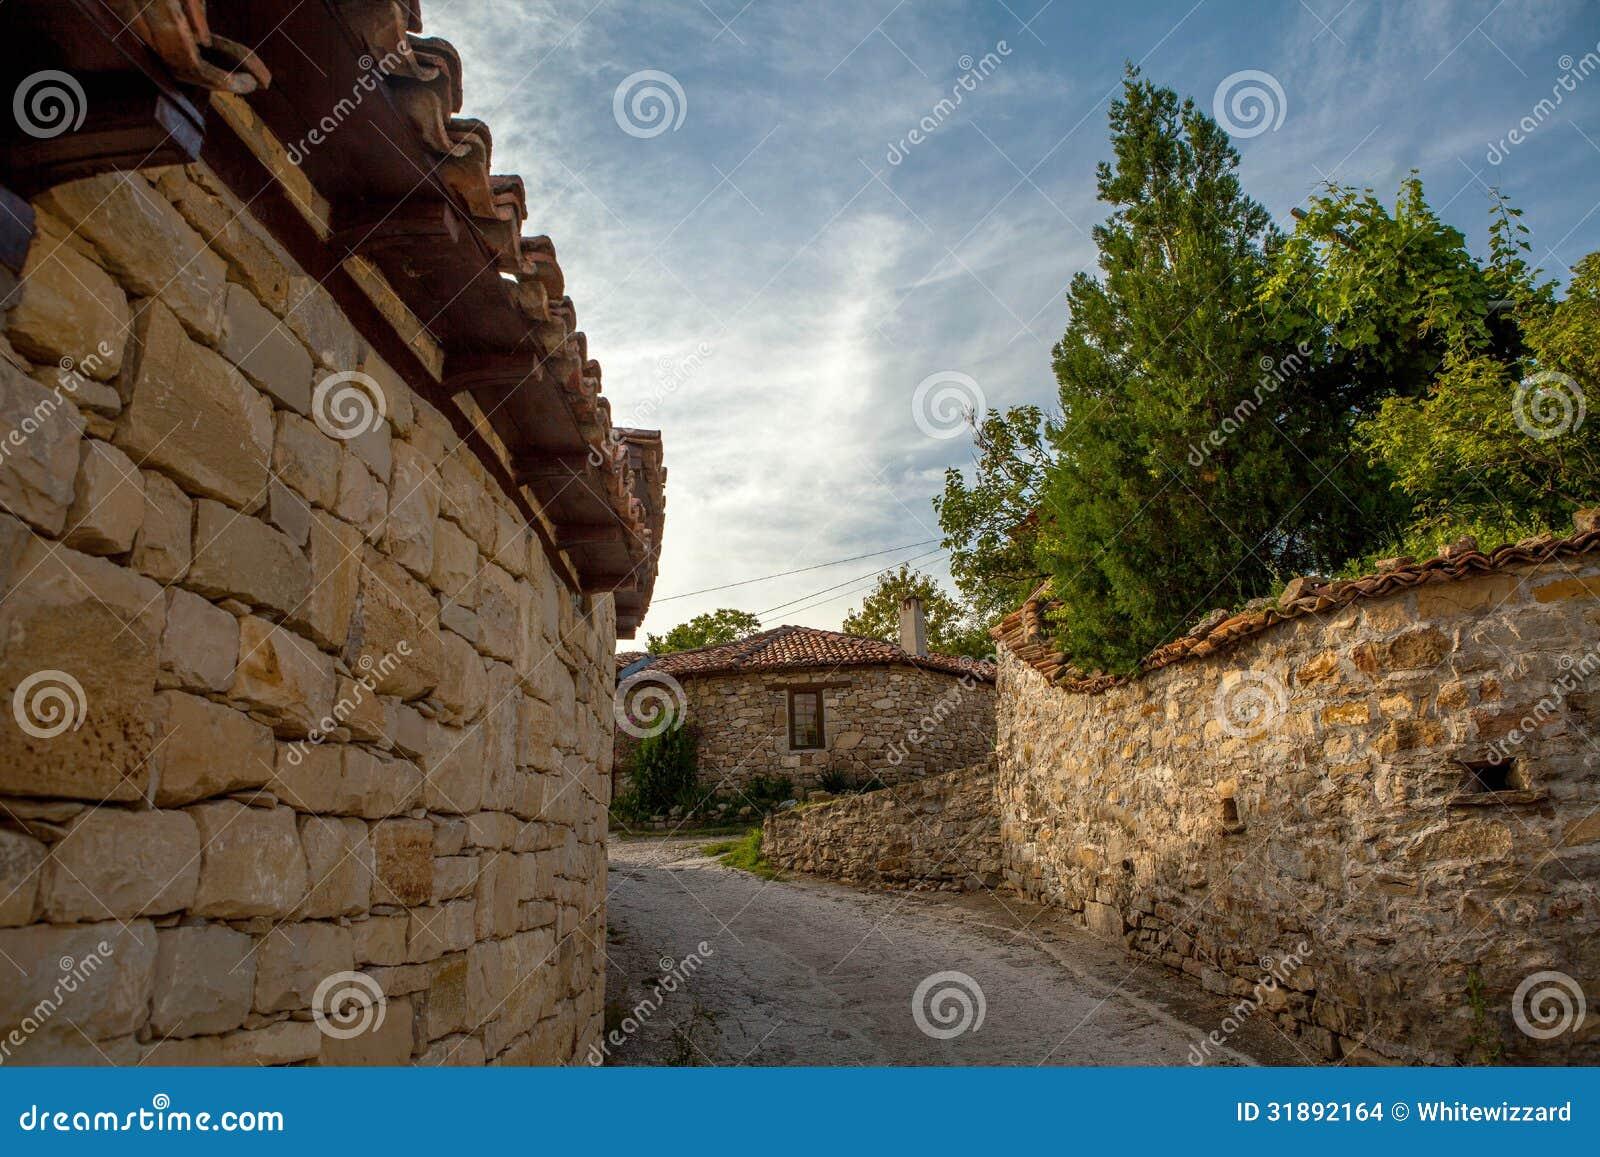 eine steinwand und ein altes haus von arbanasi bulgarien stockbilder bild 31892164. Black Bedroom Furniture Sets. Home Design Ideas